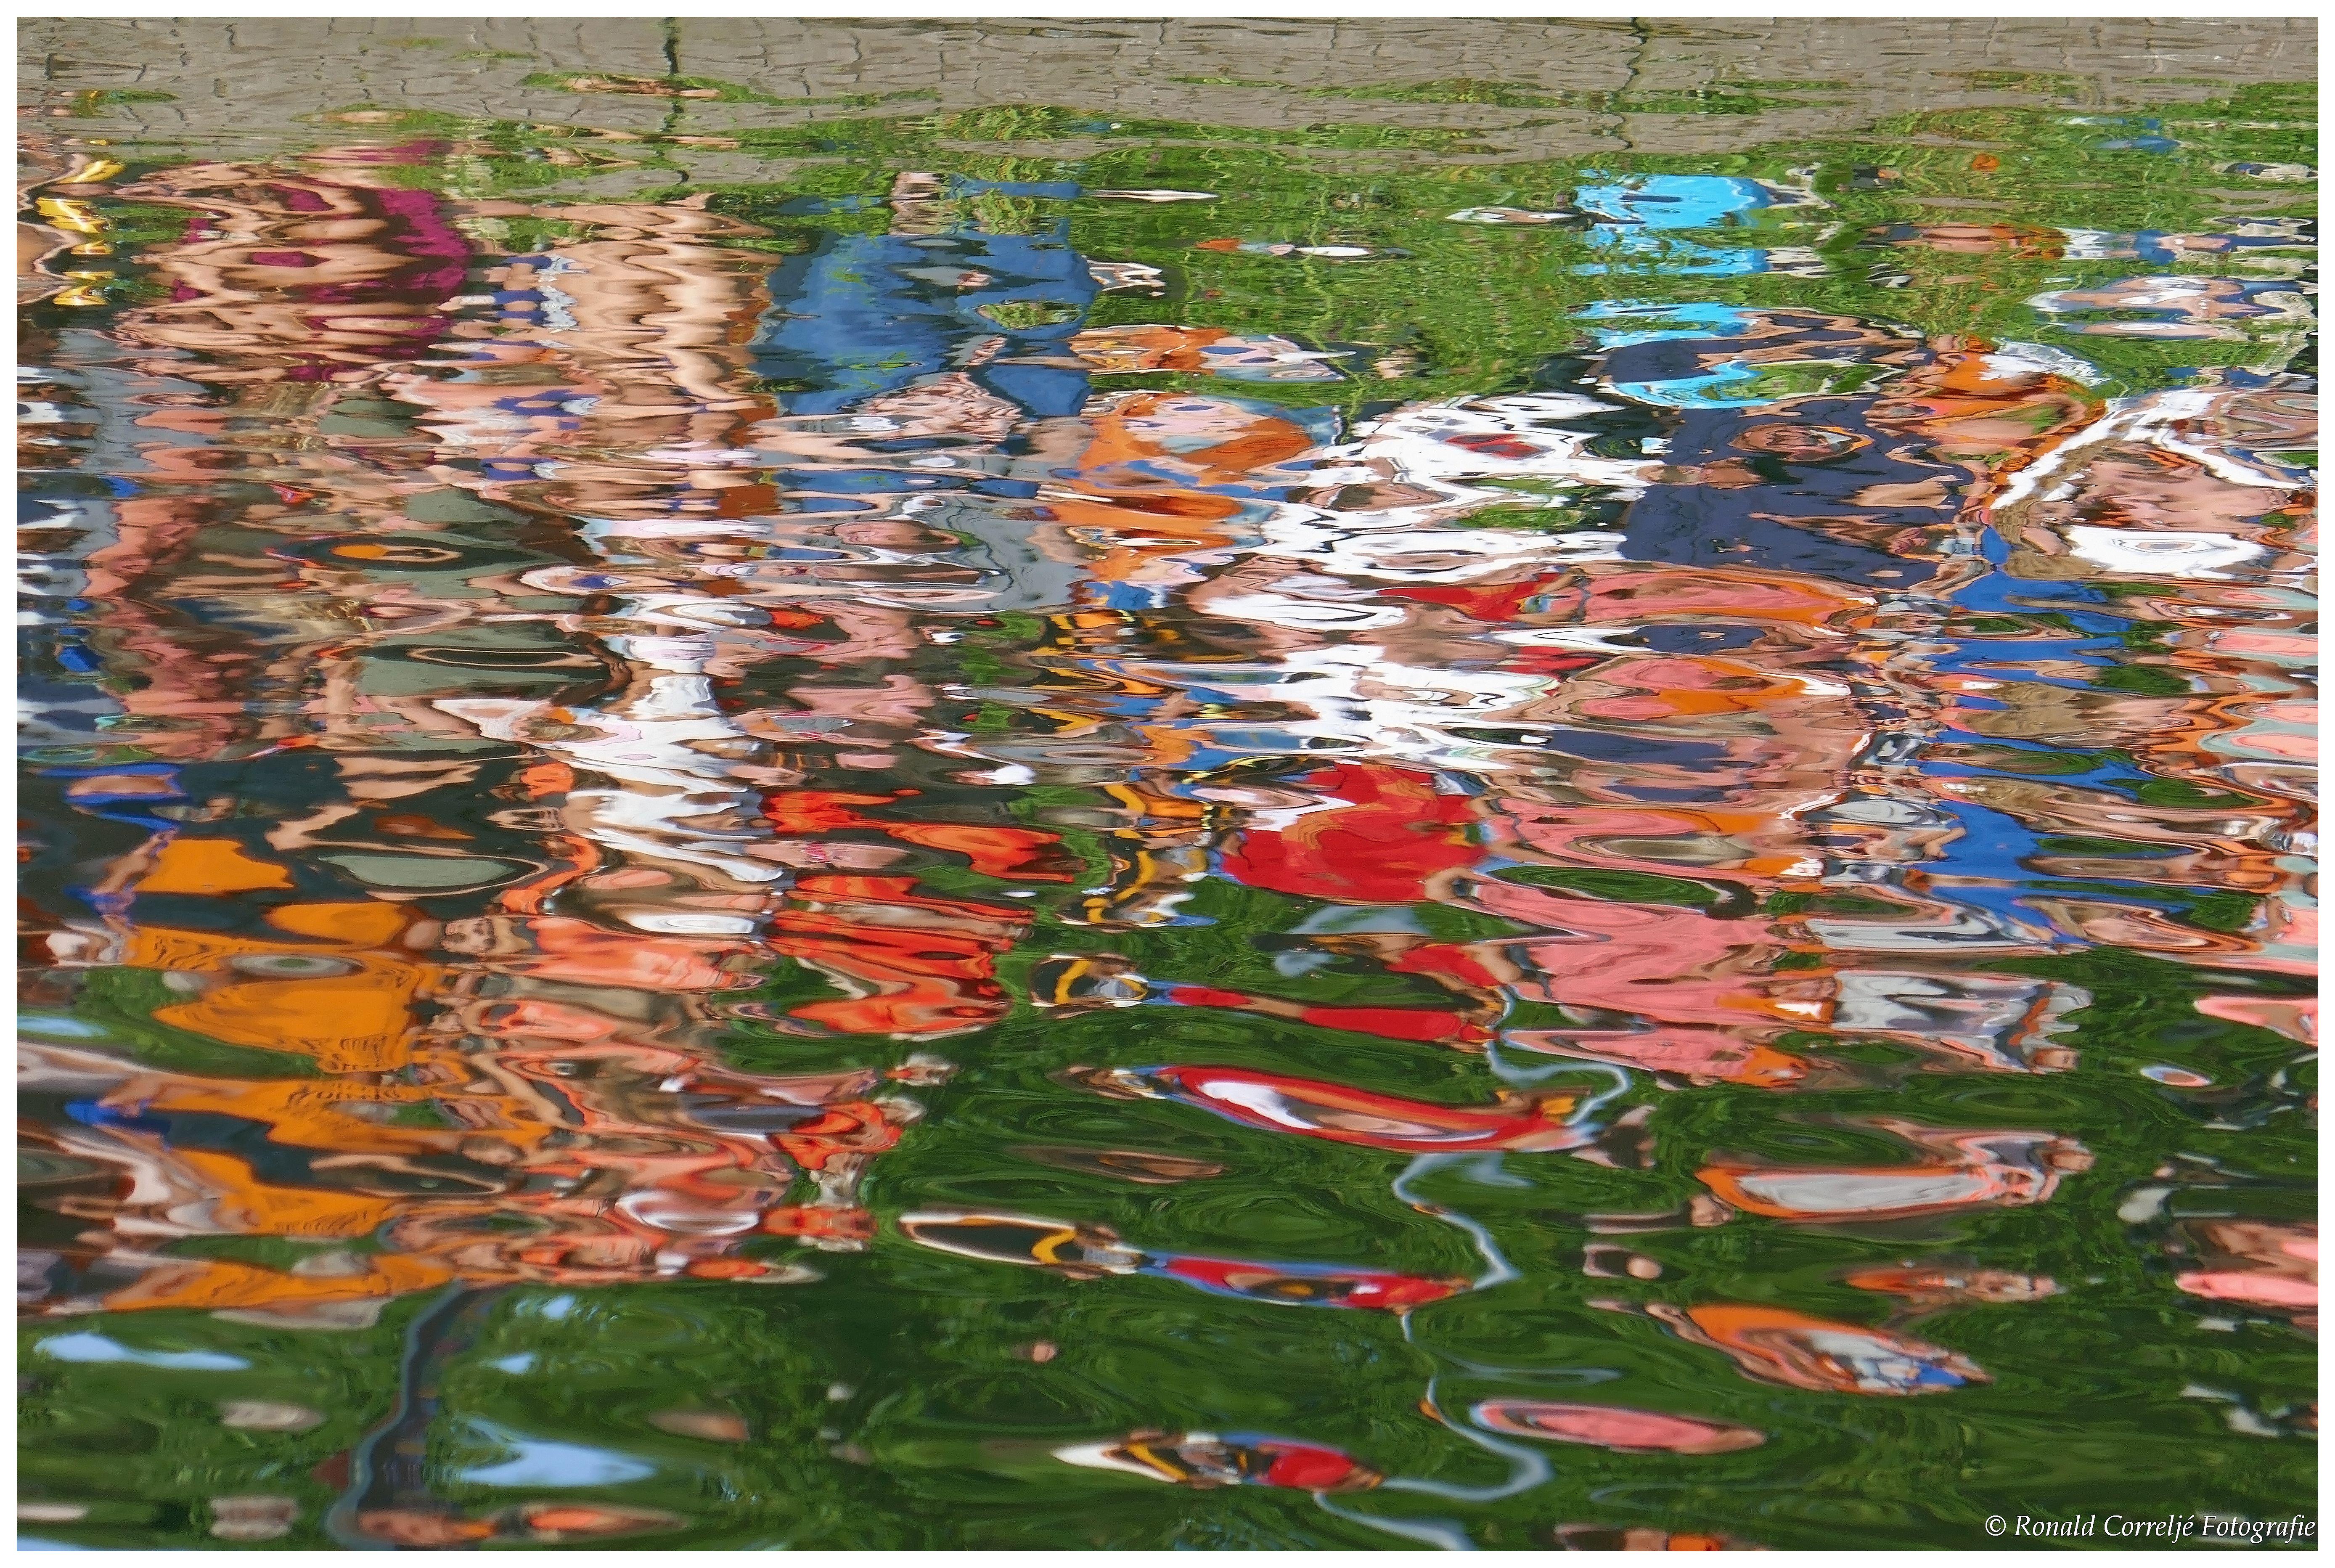 Weerspiegeling in water van publiek langs waterkant